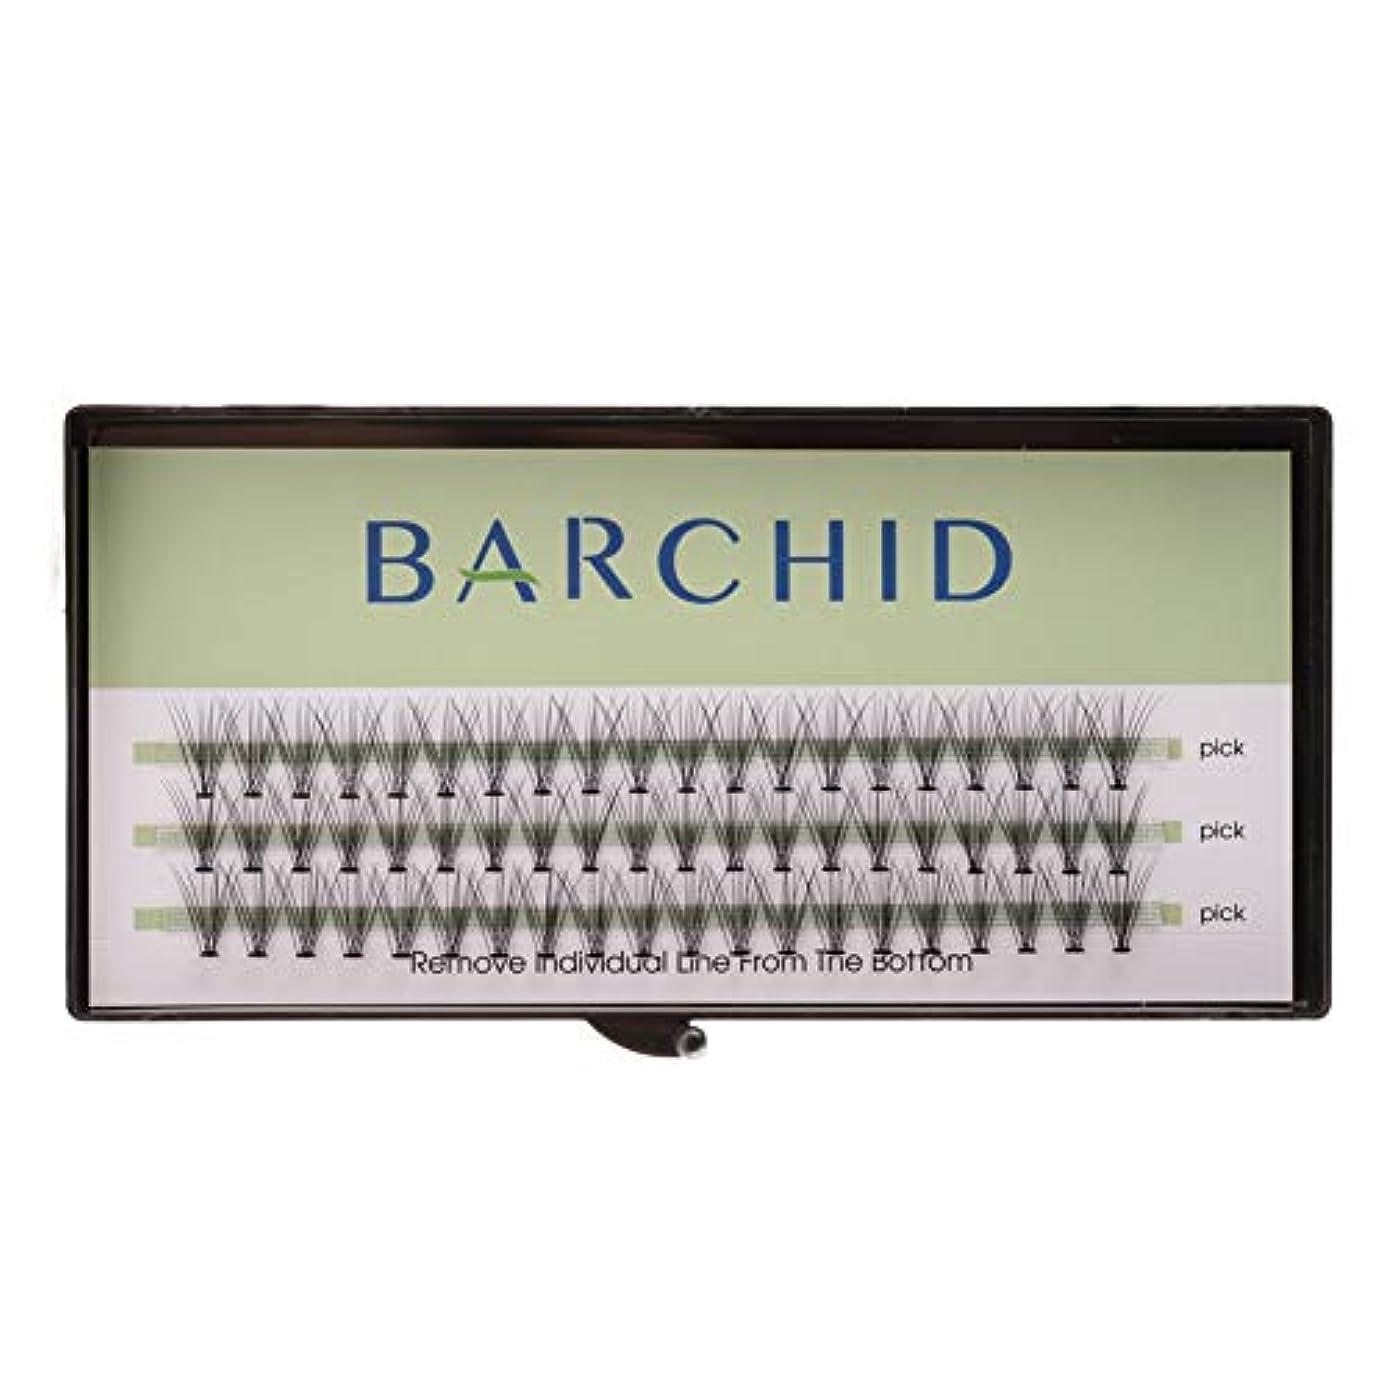 ジャズバケツ体系的にBARCHID 高品質超極細まつげエクステ太さ0.07mm 10本束10mm Cカール フレア セルフ用 素材  マツエク